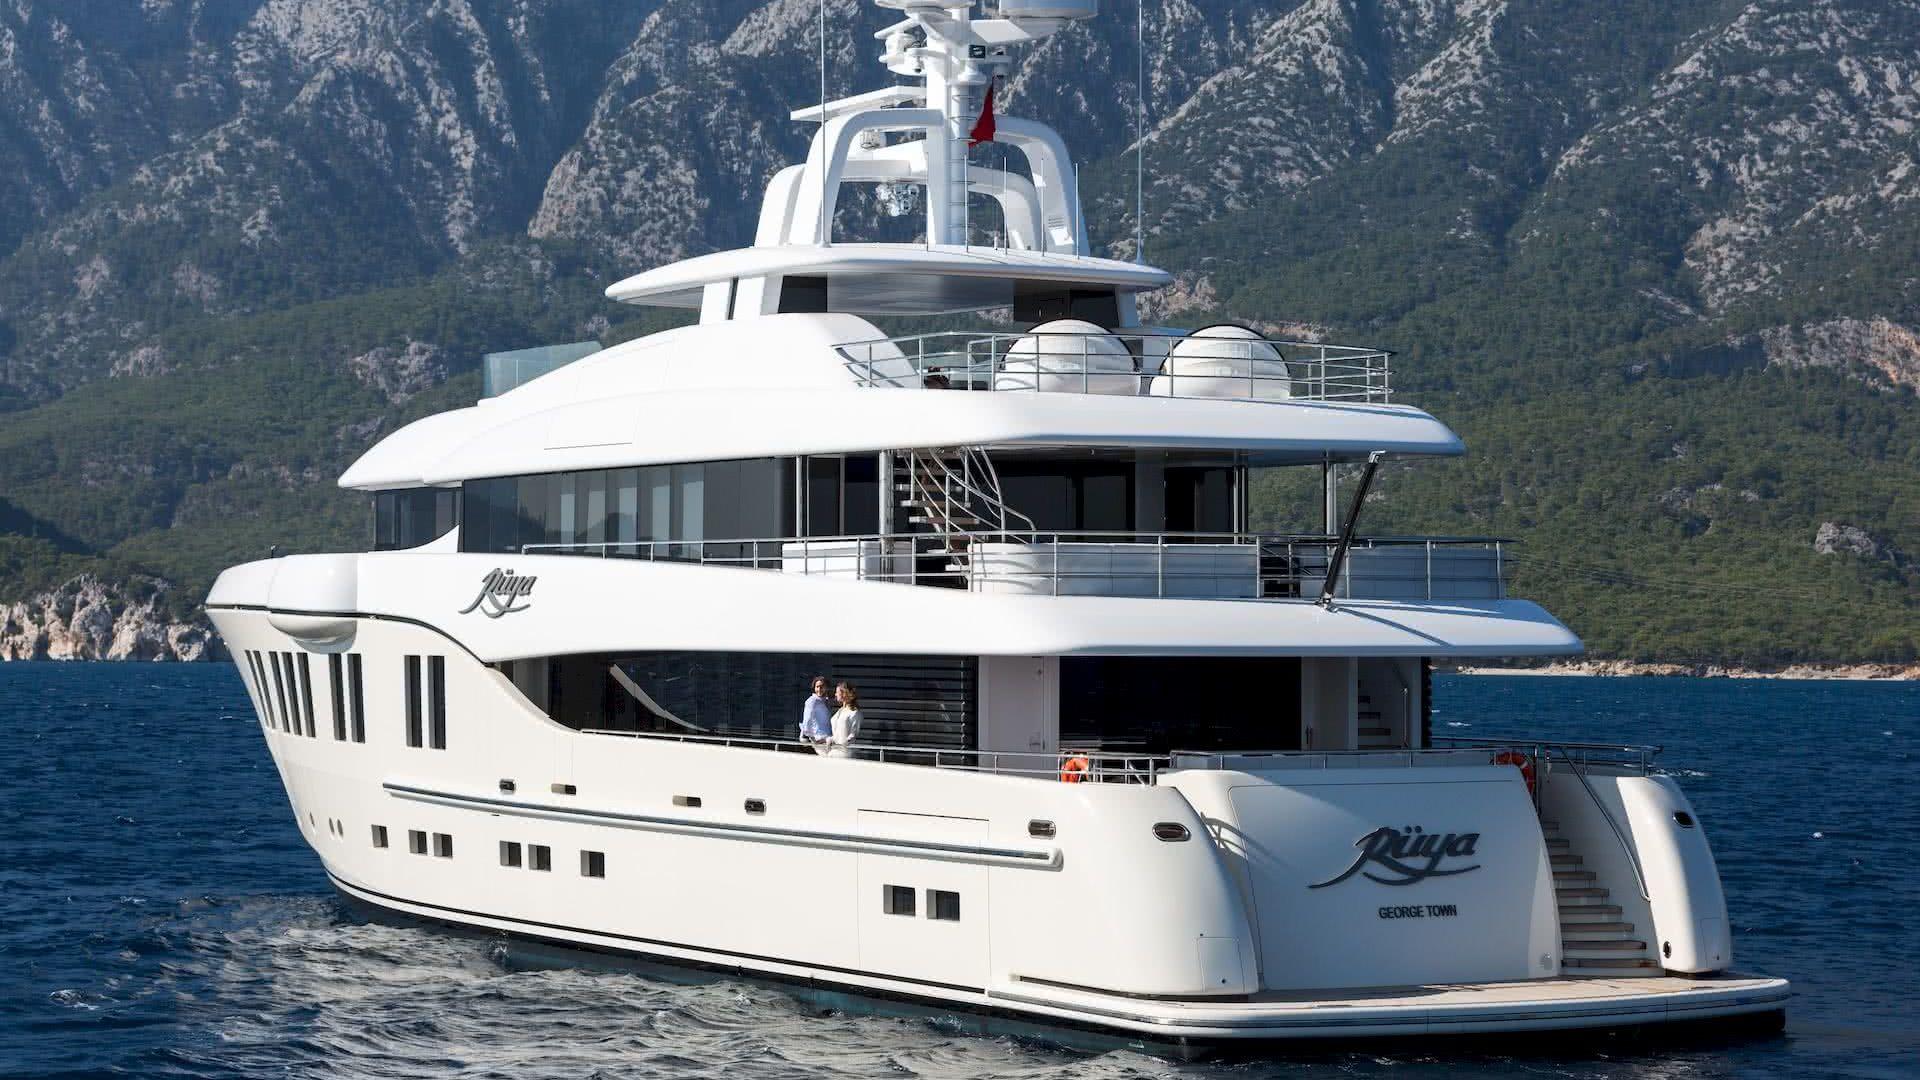 Ruya Yacht Alia Yachts